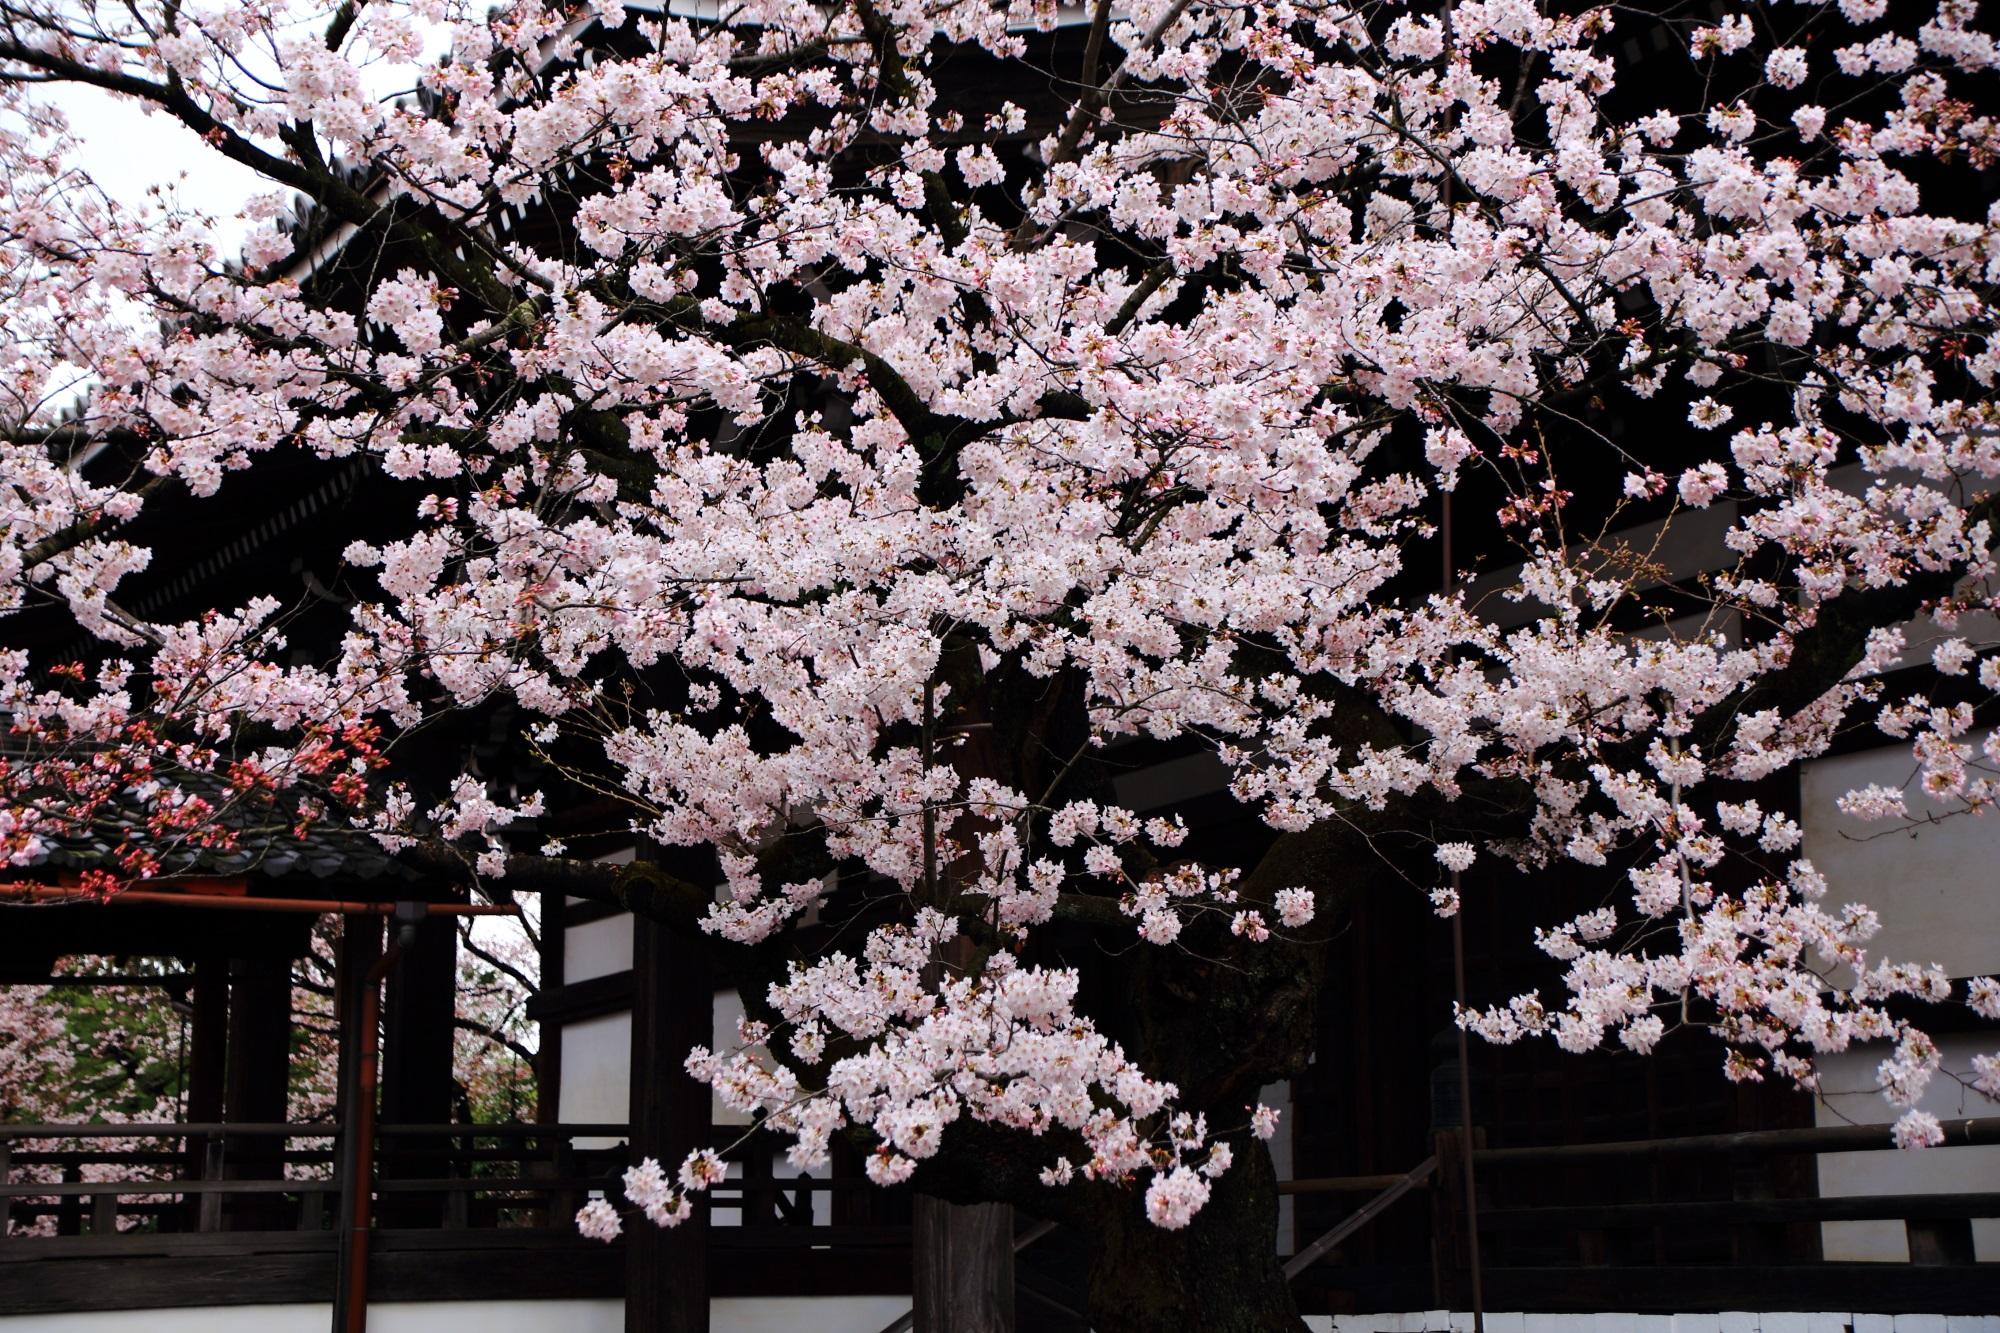 妙顕寺の本堂と咲き誇る桜